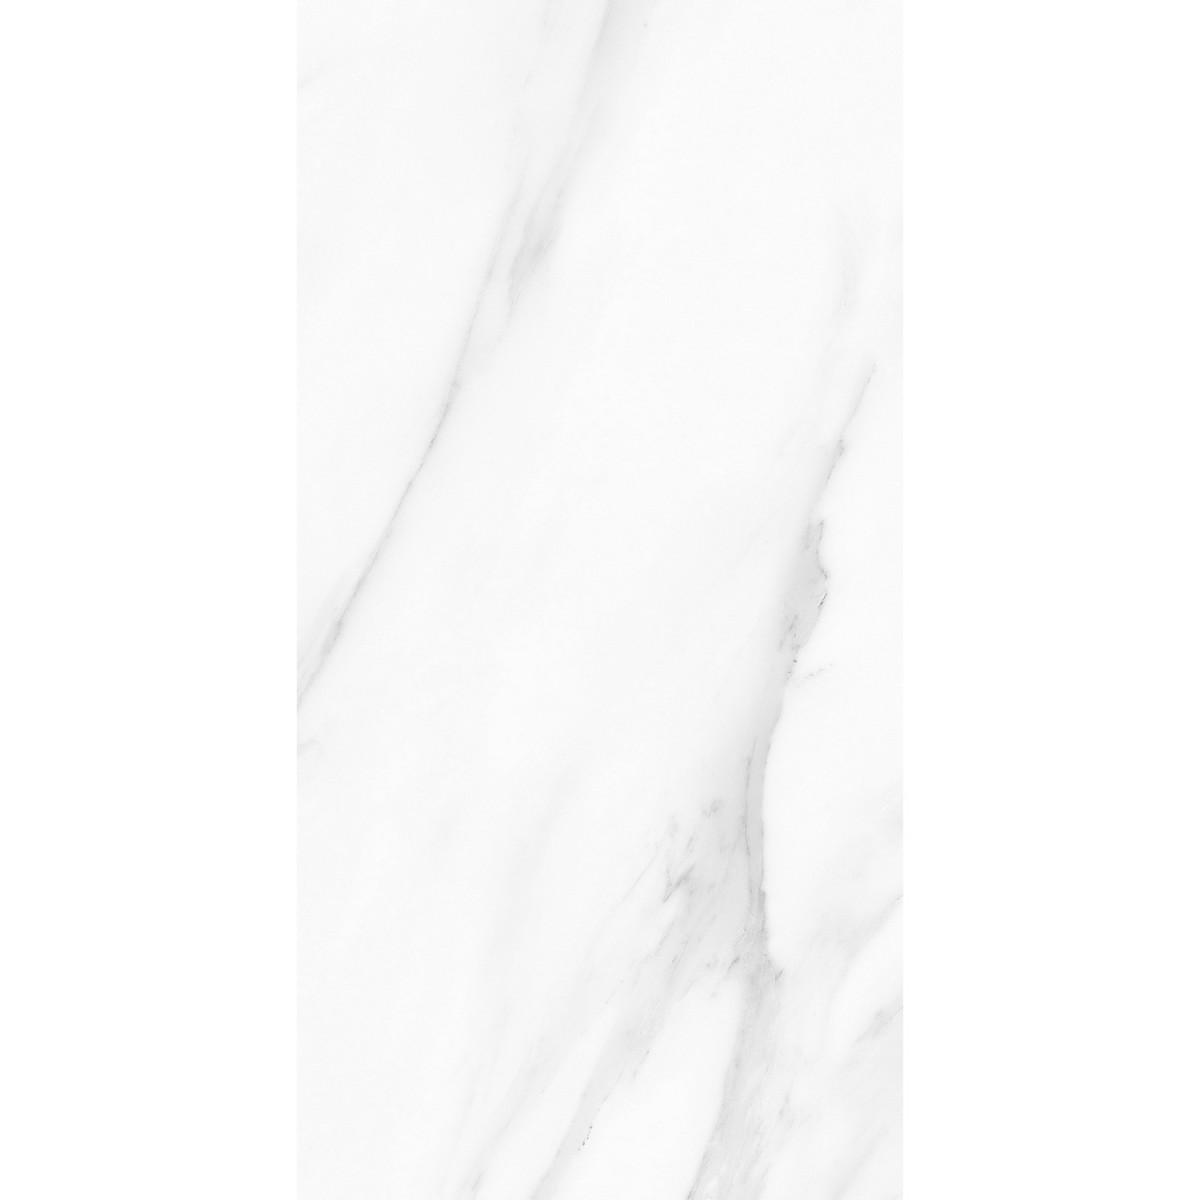 Плитка настенная Carrara цвет белый 25x50 см 125 м2